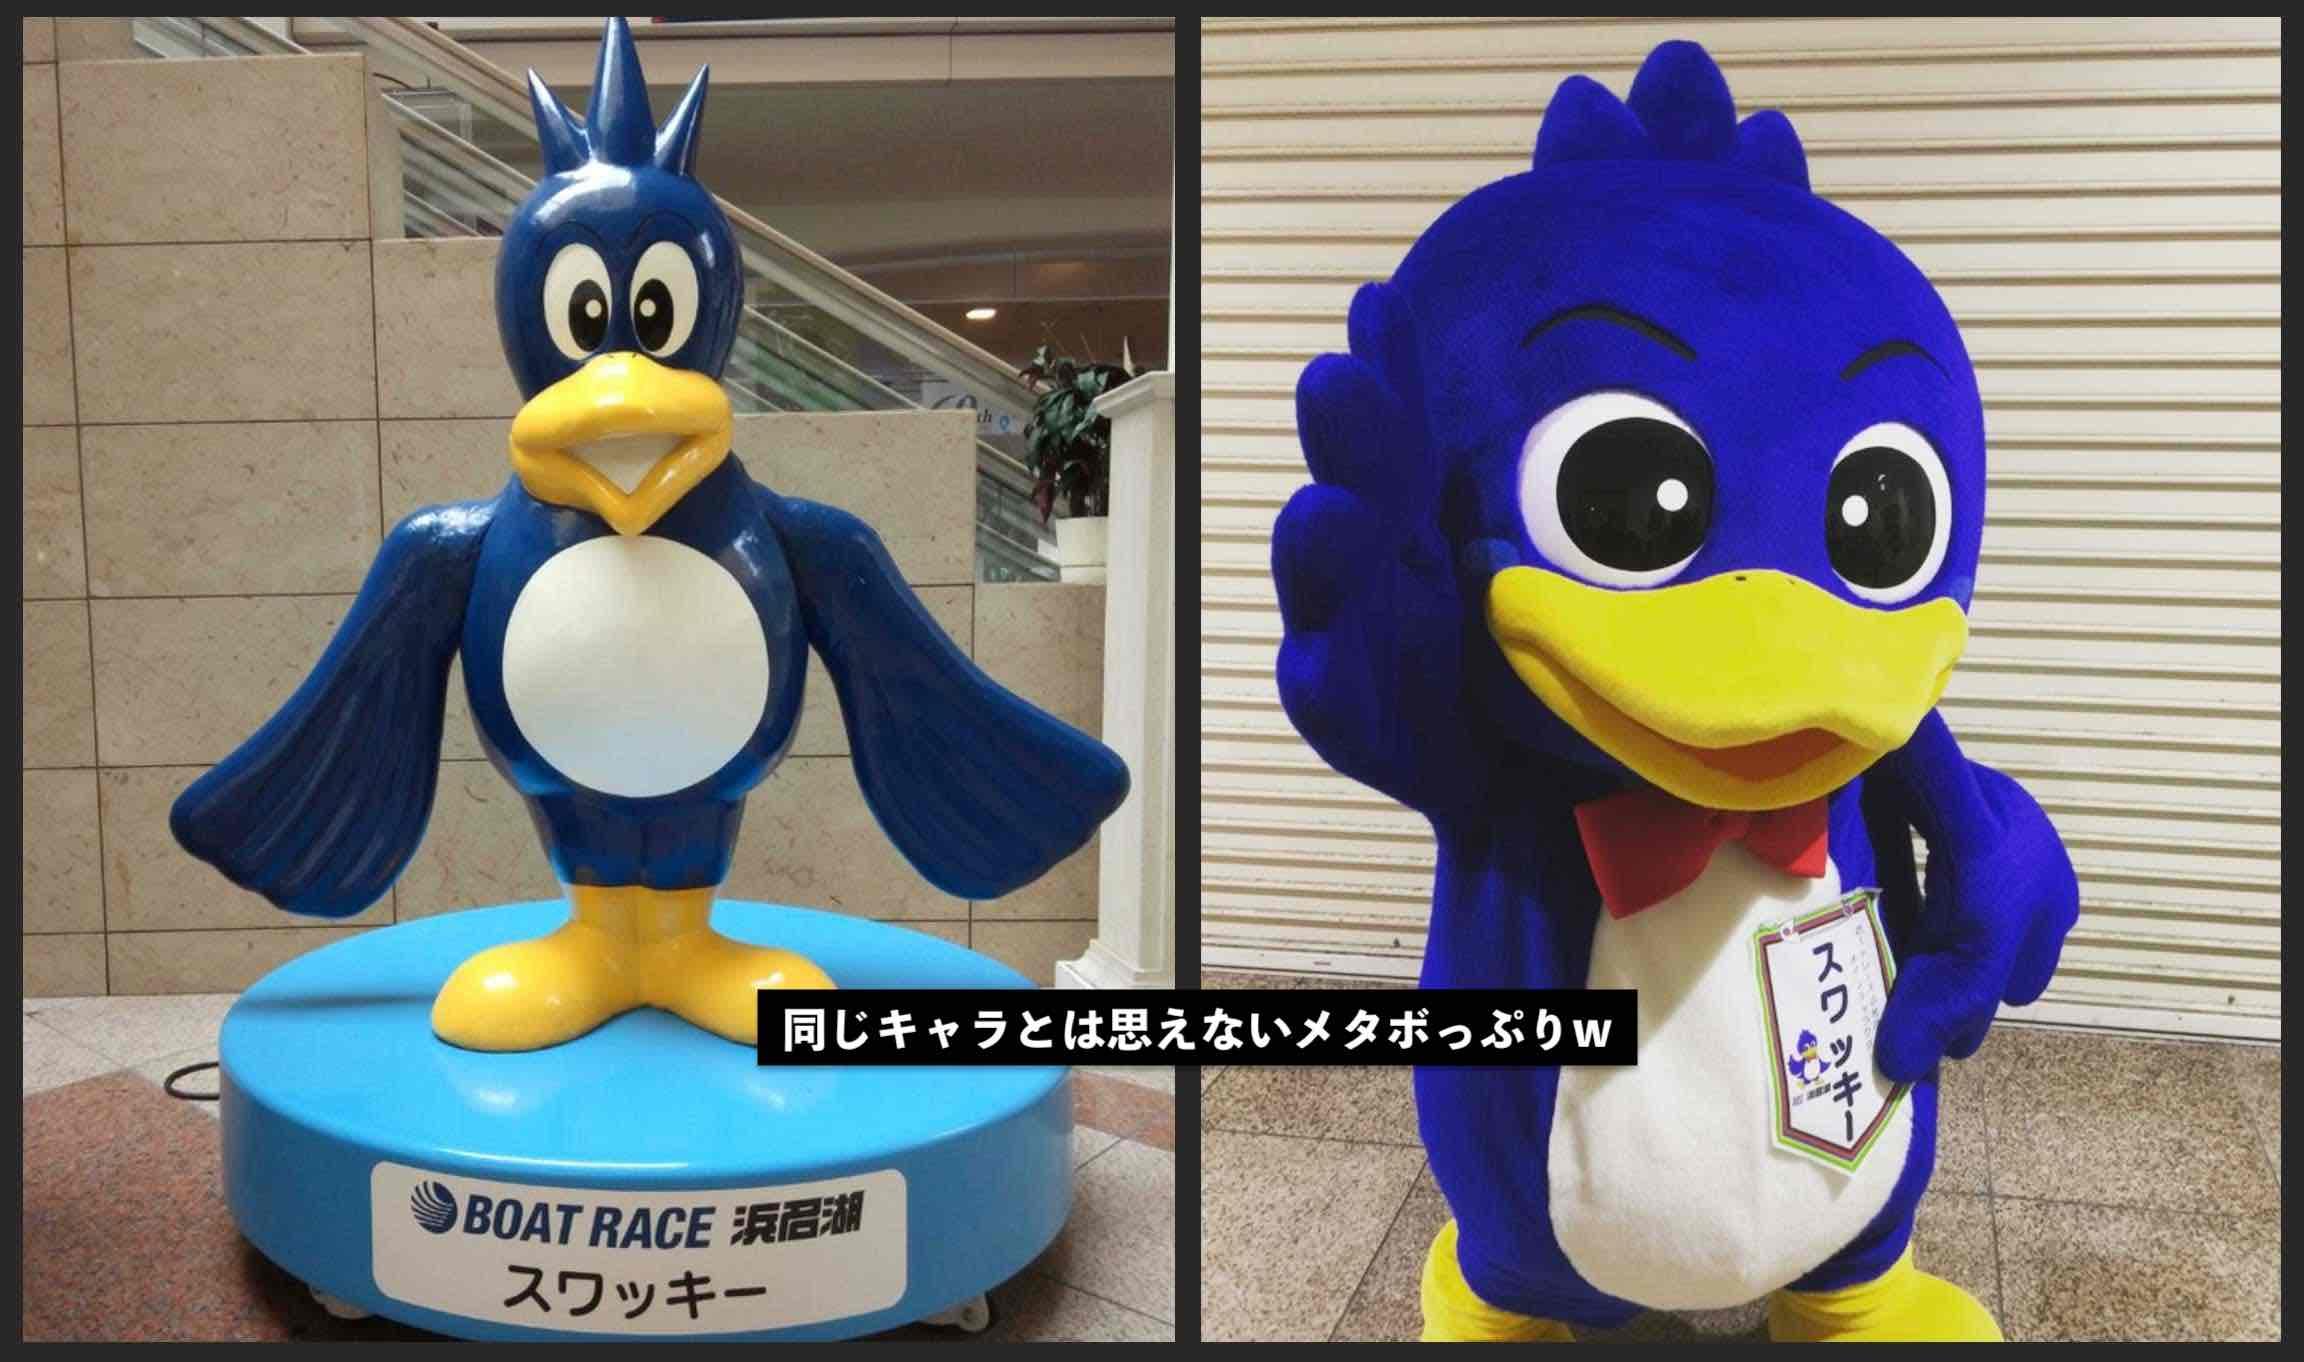 浜名湖競艇場のマスコットキャラクター、クロッキーの画像